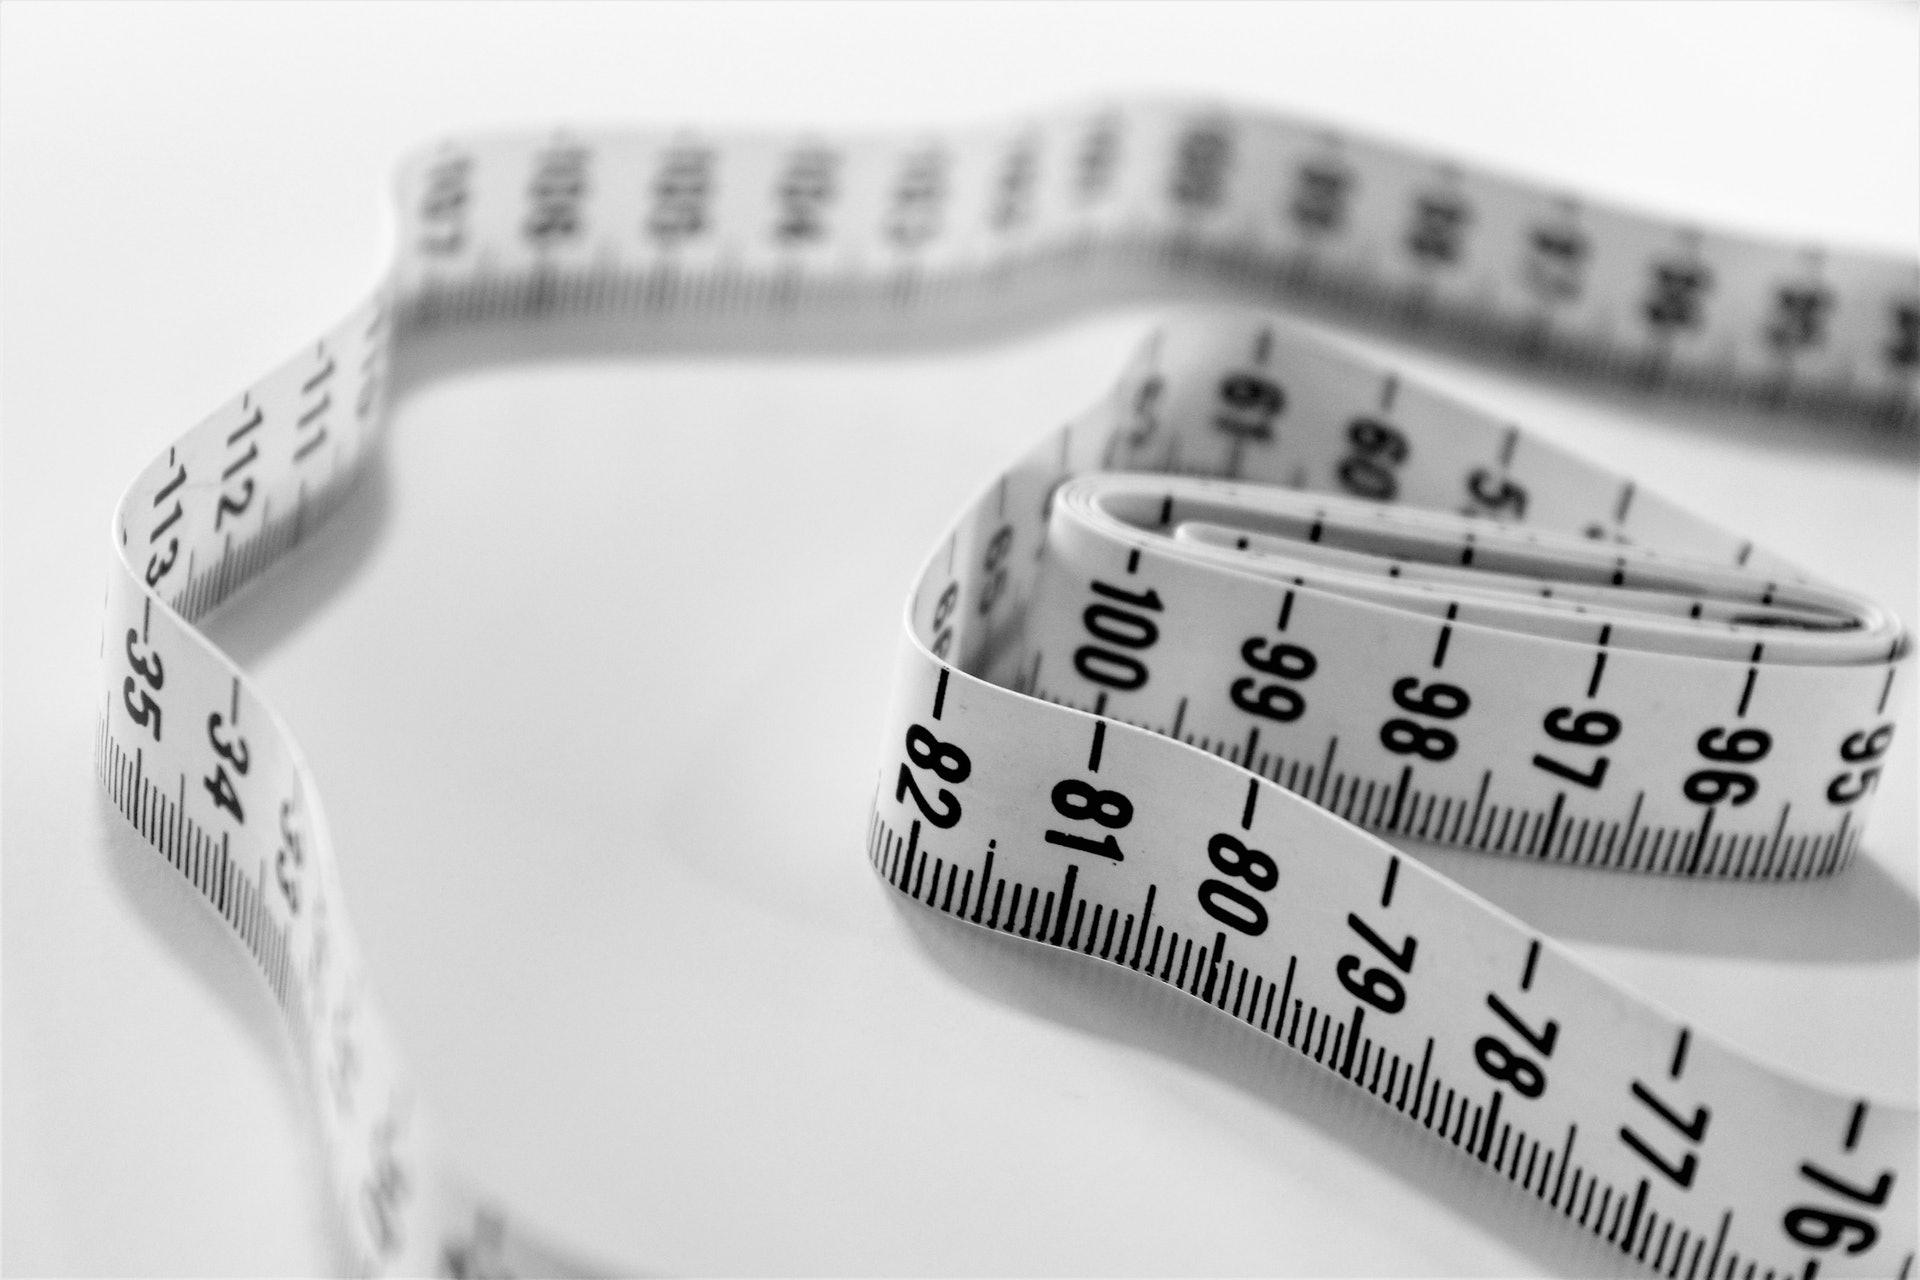 無論是虛胖或實胖,肥胖都會帶來健康威脅,長遠來說可能會有心血管疾病(如心臟病﹑中風)﹑糖尿病﹑關節炎等。( Siora Photography / Unsplash)